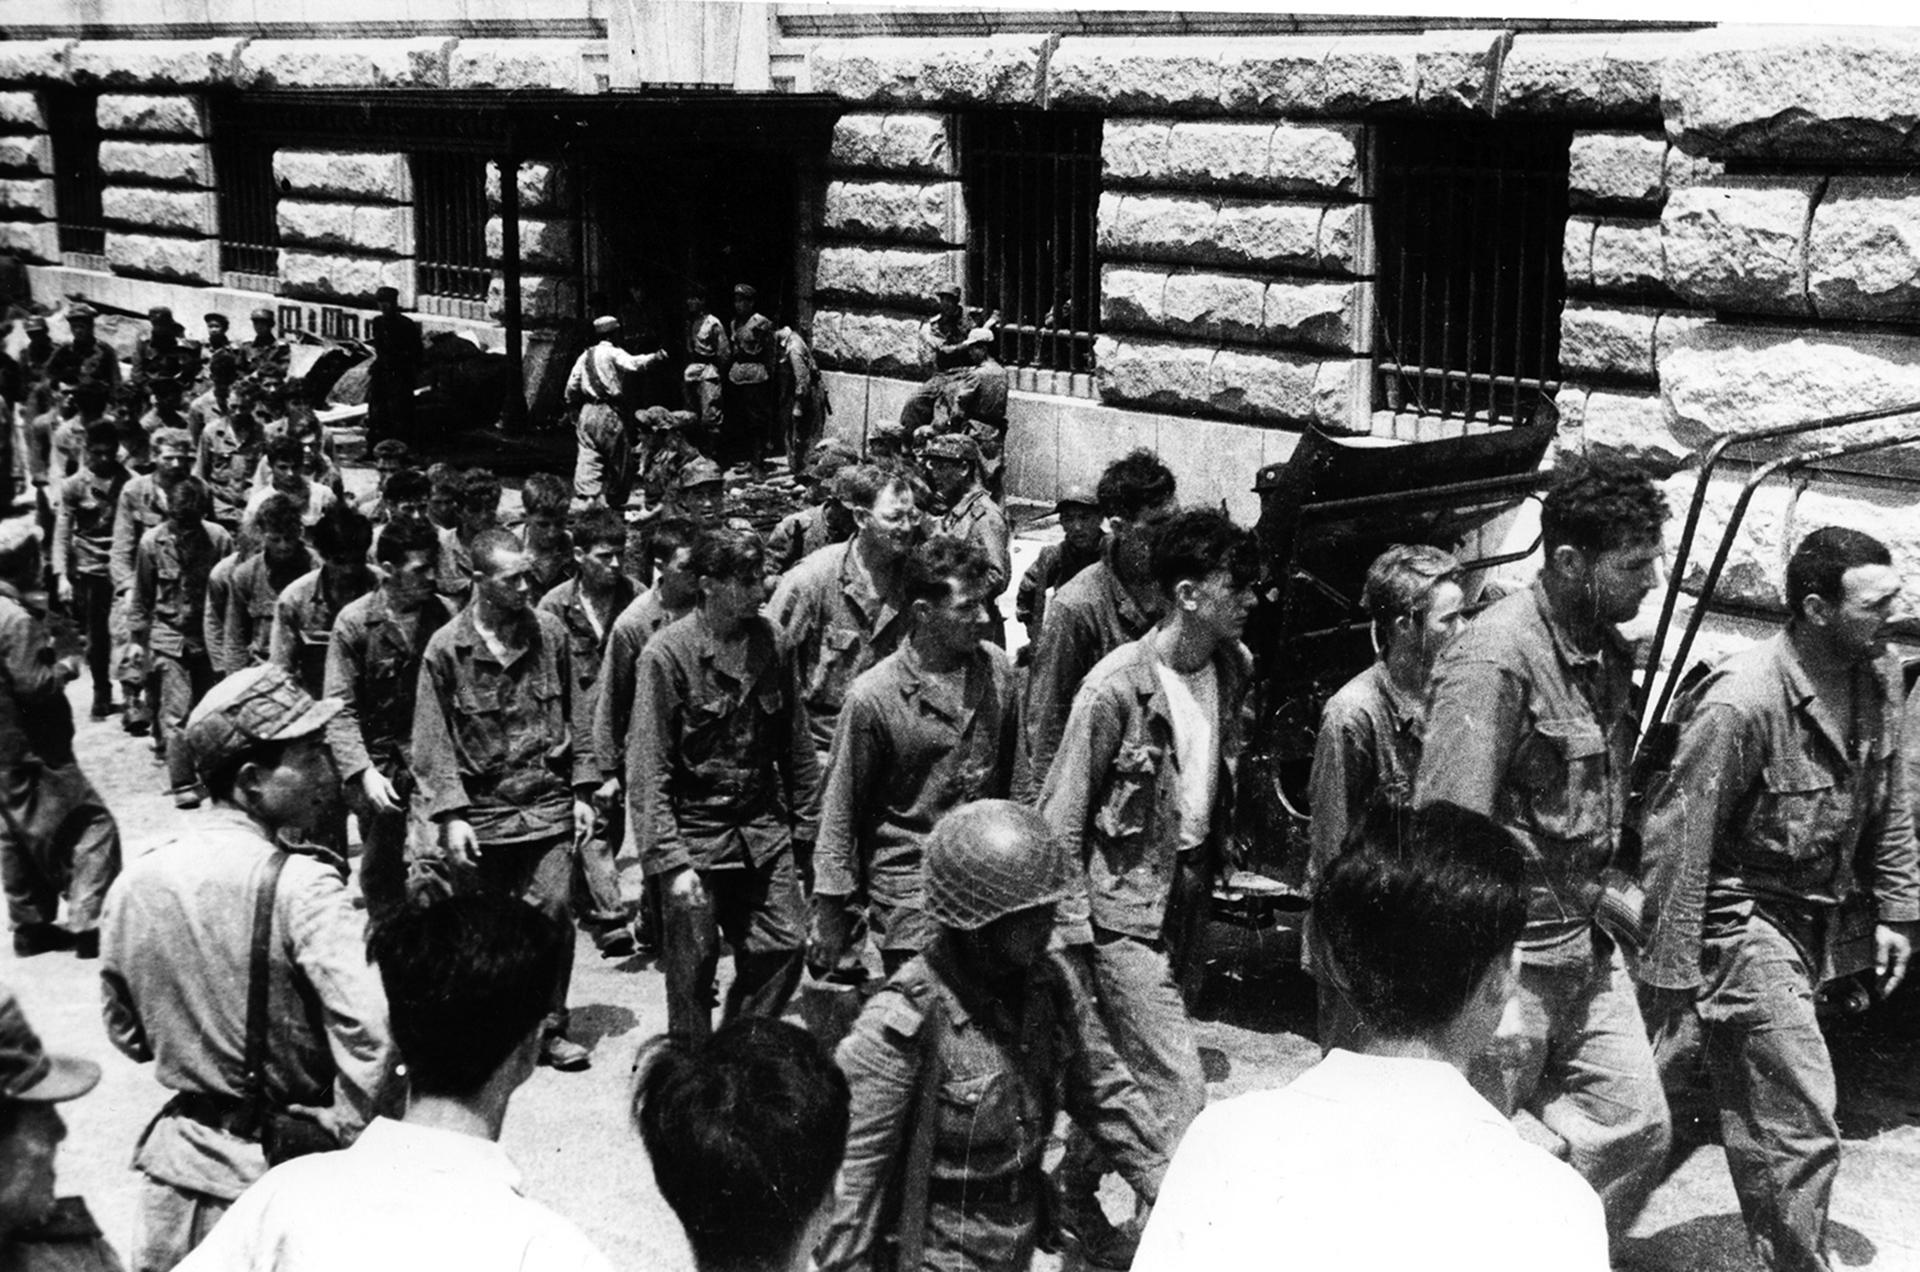 Combatientes estadounidenses capturados durante la guerra de Corea marchan por una calle (AP)